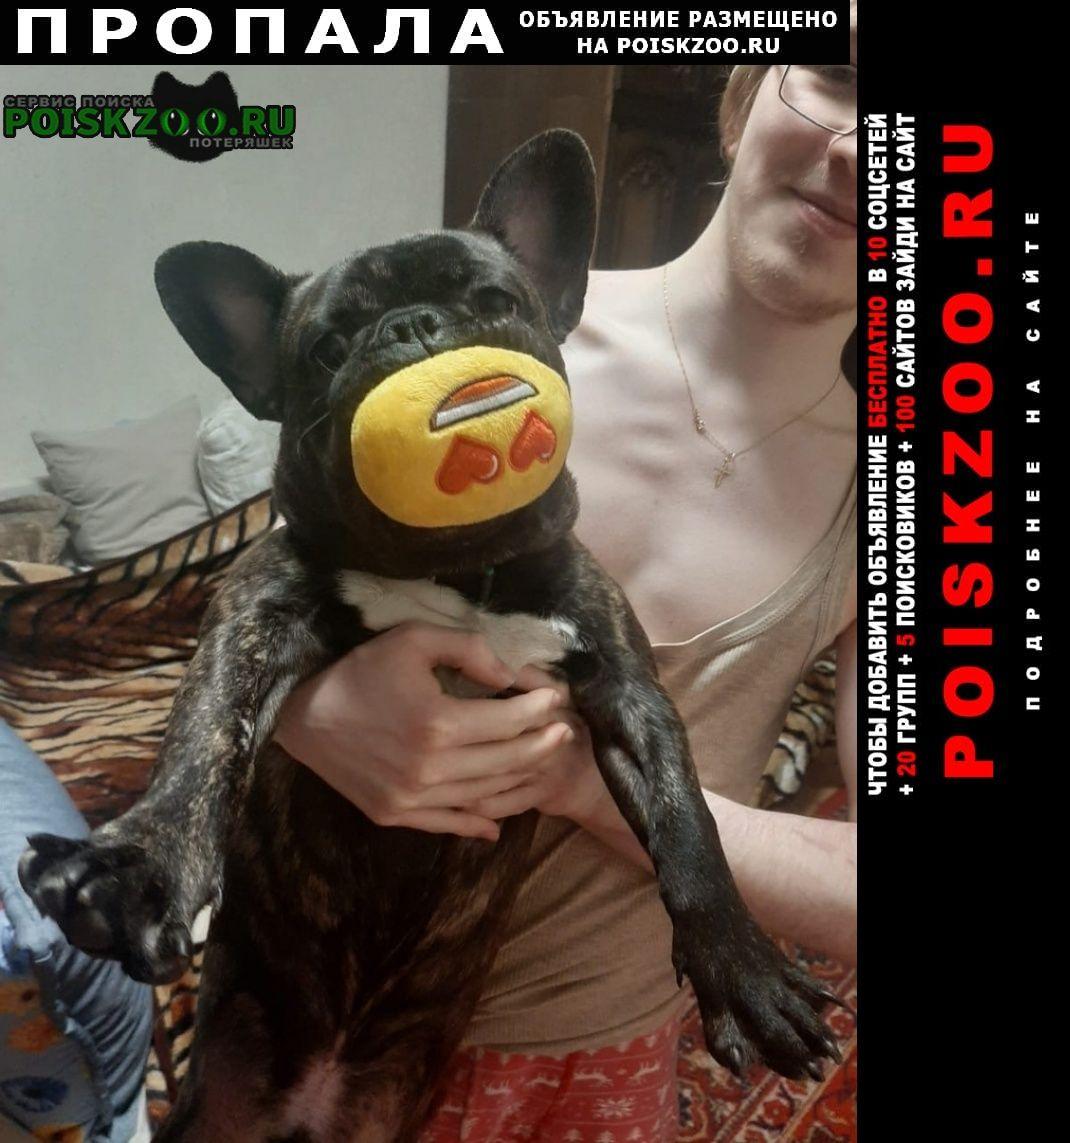 Пропала собака французский бульдог в строгино Москва